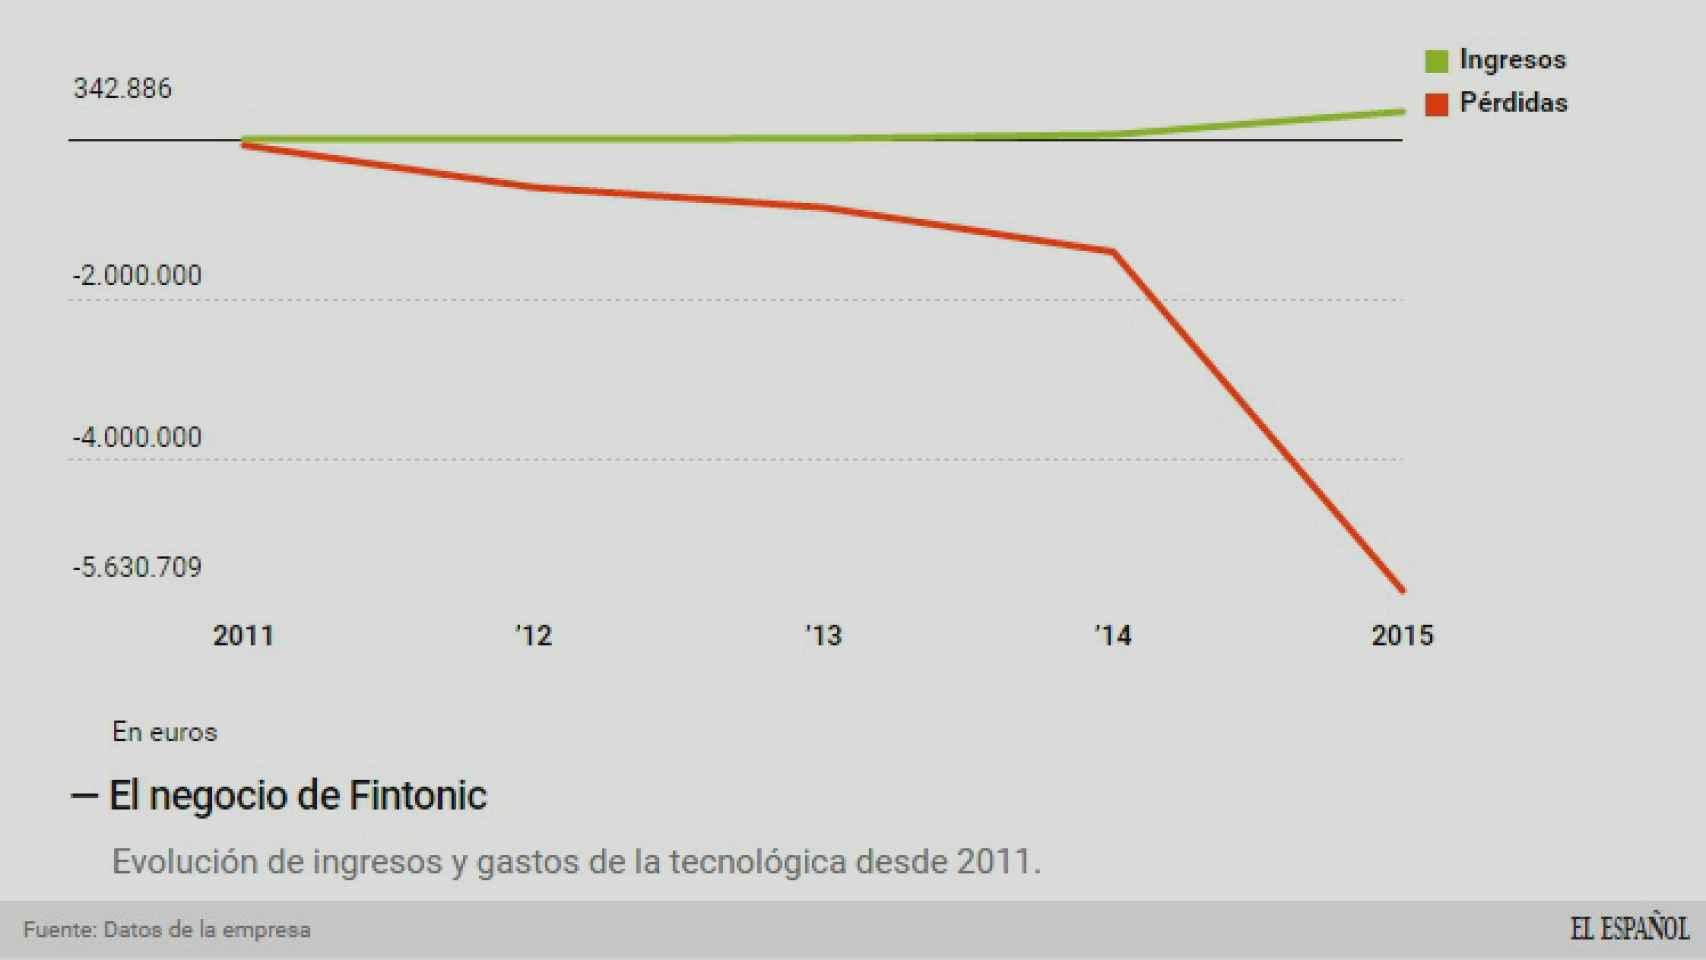 Evolución del negocio de Fintonic.